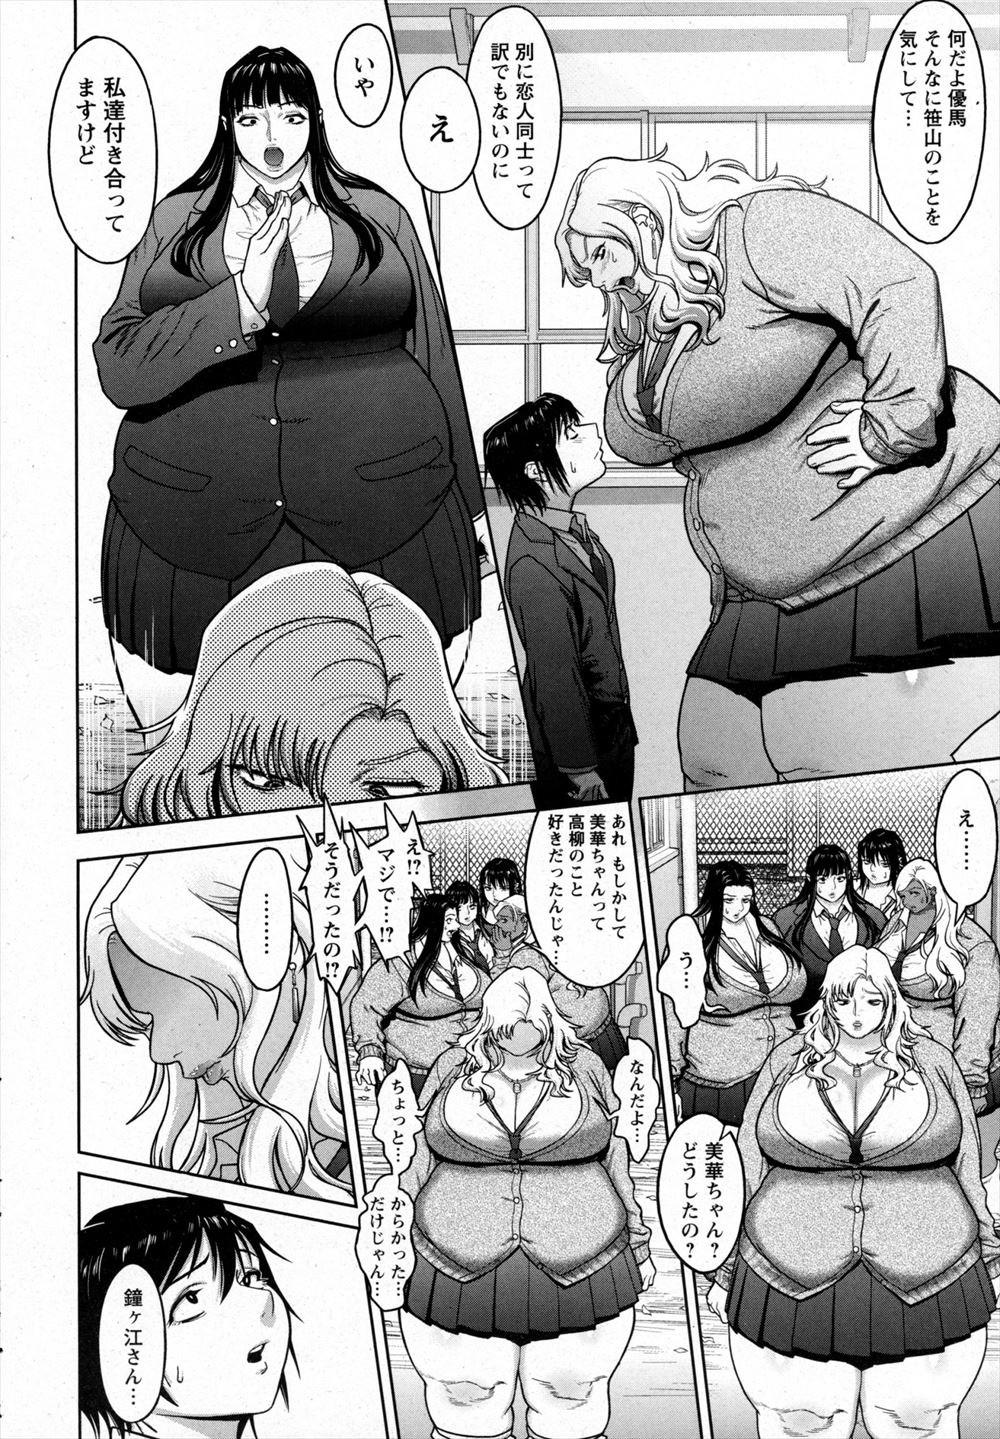 超おデブな女子校生達が男子を逆レイプでNTR青姦セックスしてるデブ専エロ漫画はこちらですwwwwwwwww 004